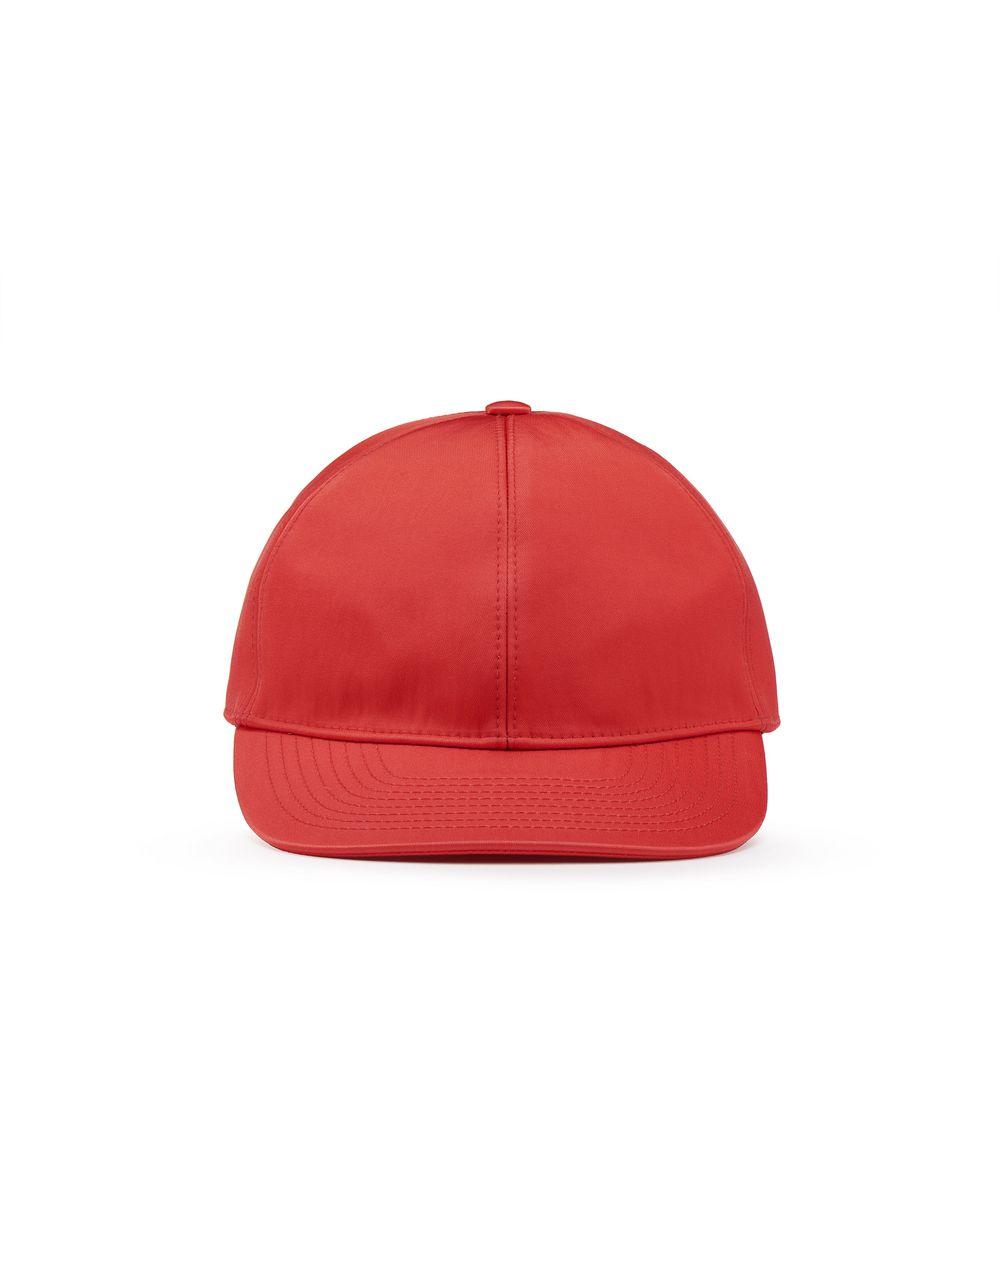 LANVIN NYLON BASEBALL CAP - Lanvin